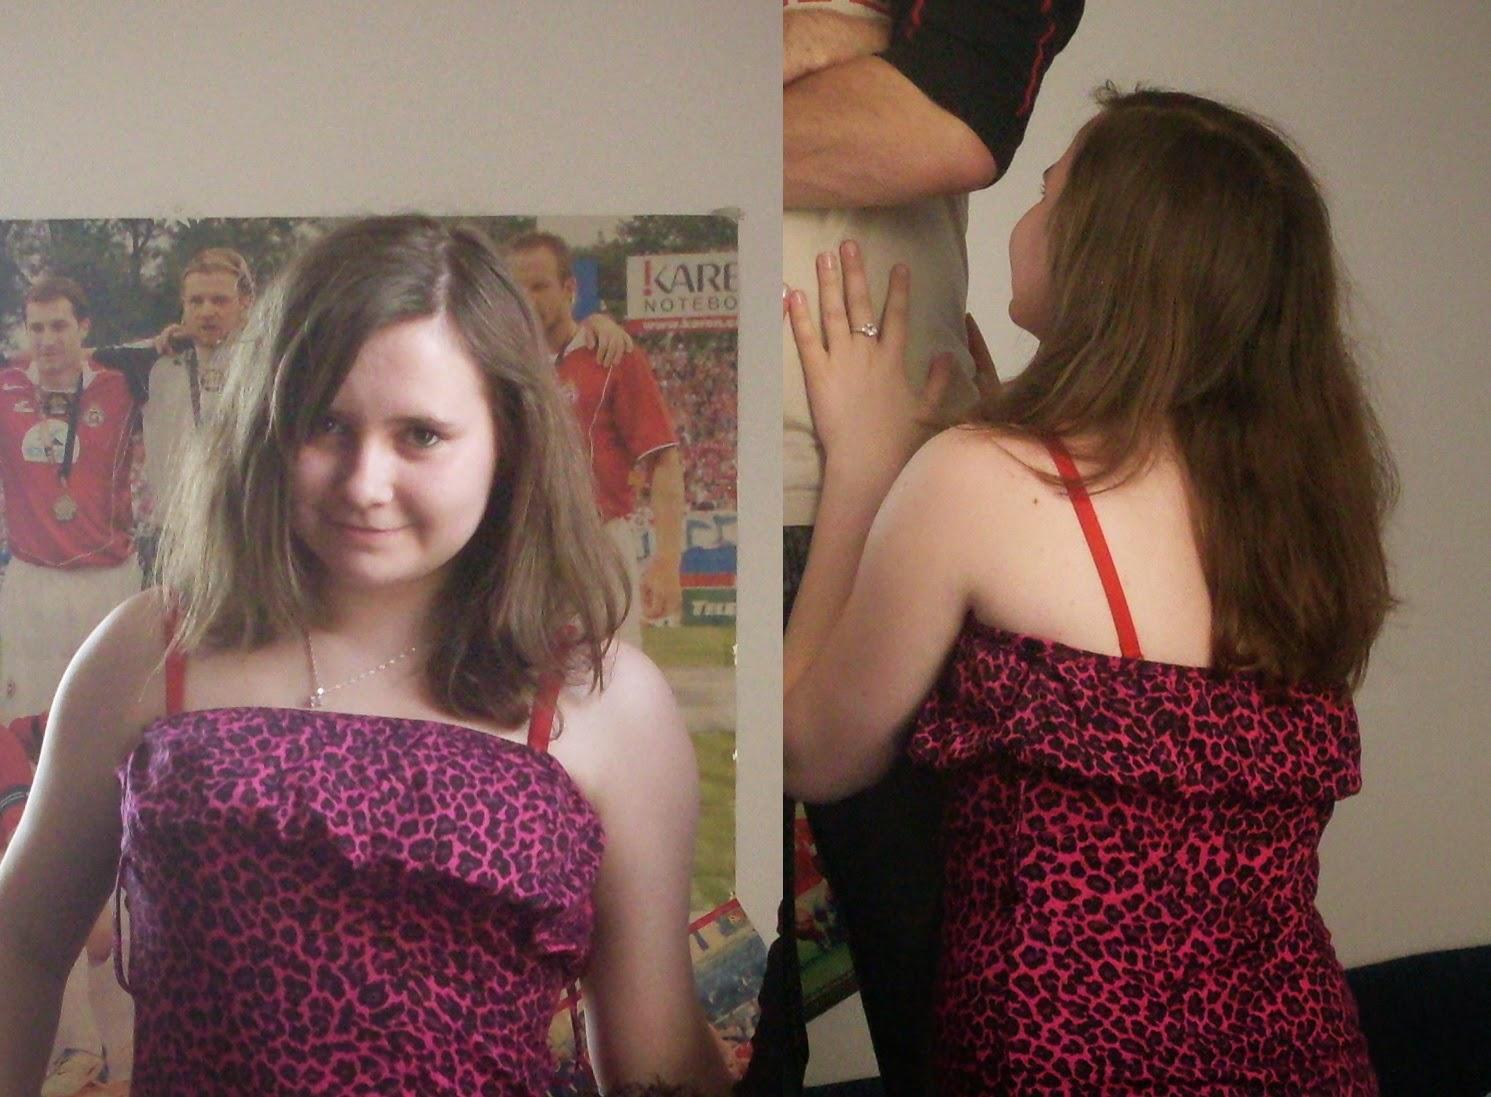 Jak zmieniły się potrzeby moich włosów wraz ze spadkiem porowarości?